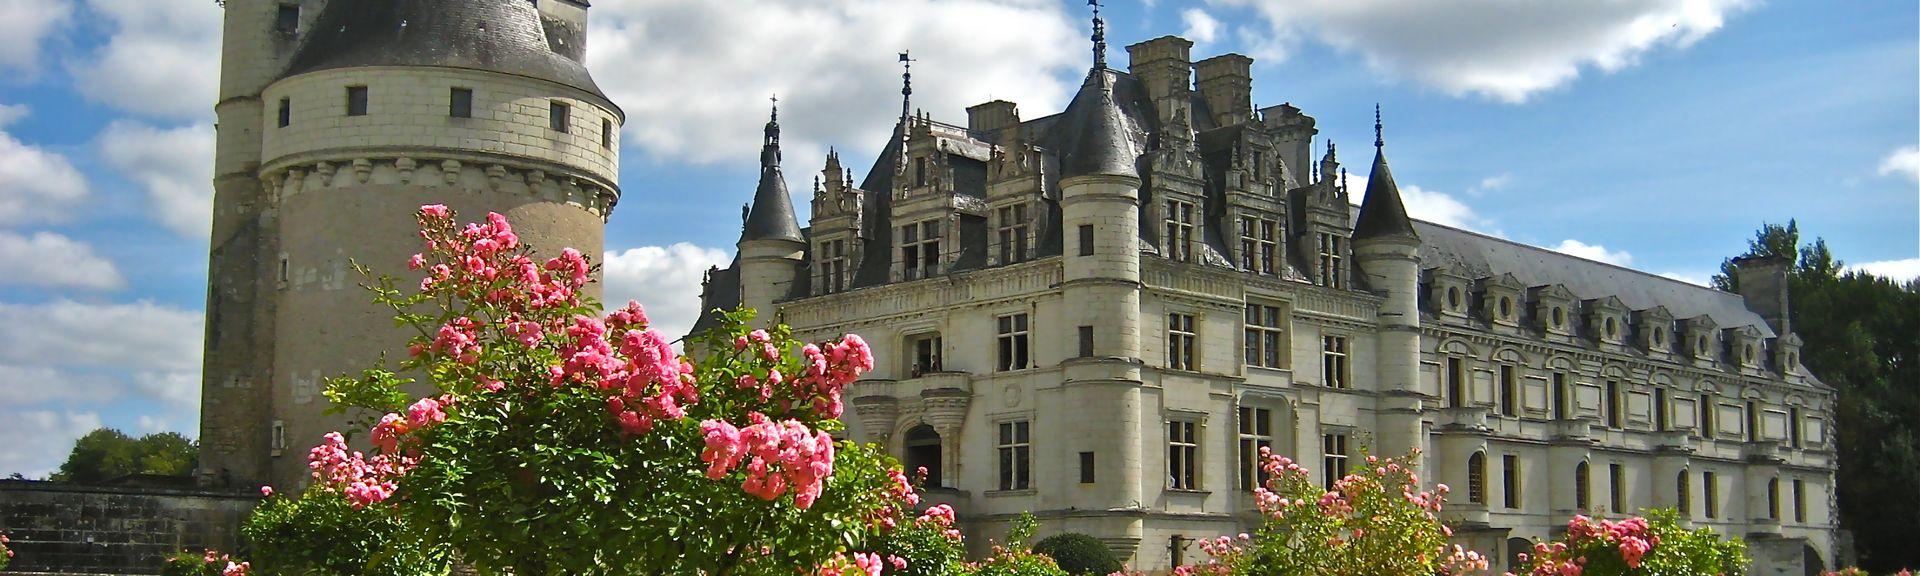 Saint-Mard-de-Réno, Normandie, France